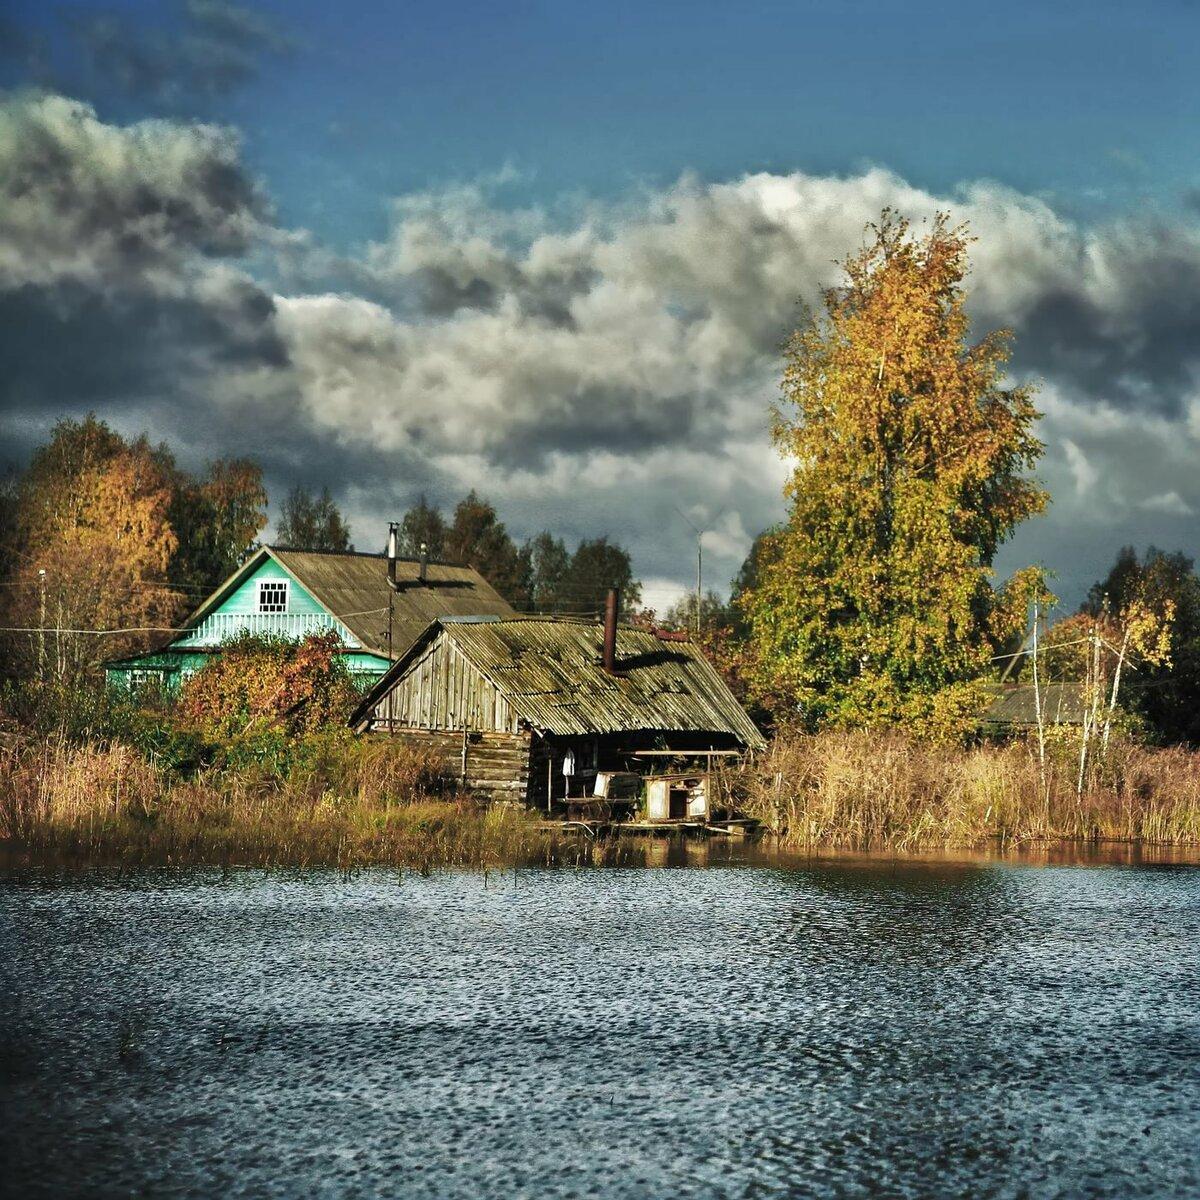 Картинка с деревнями